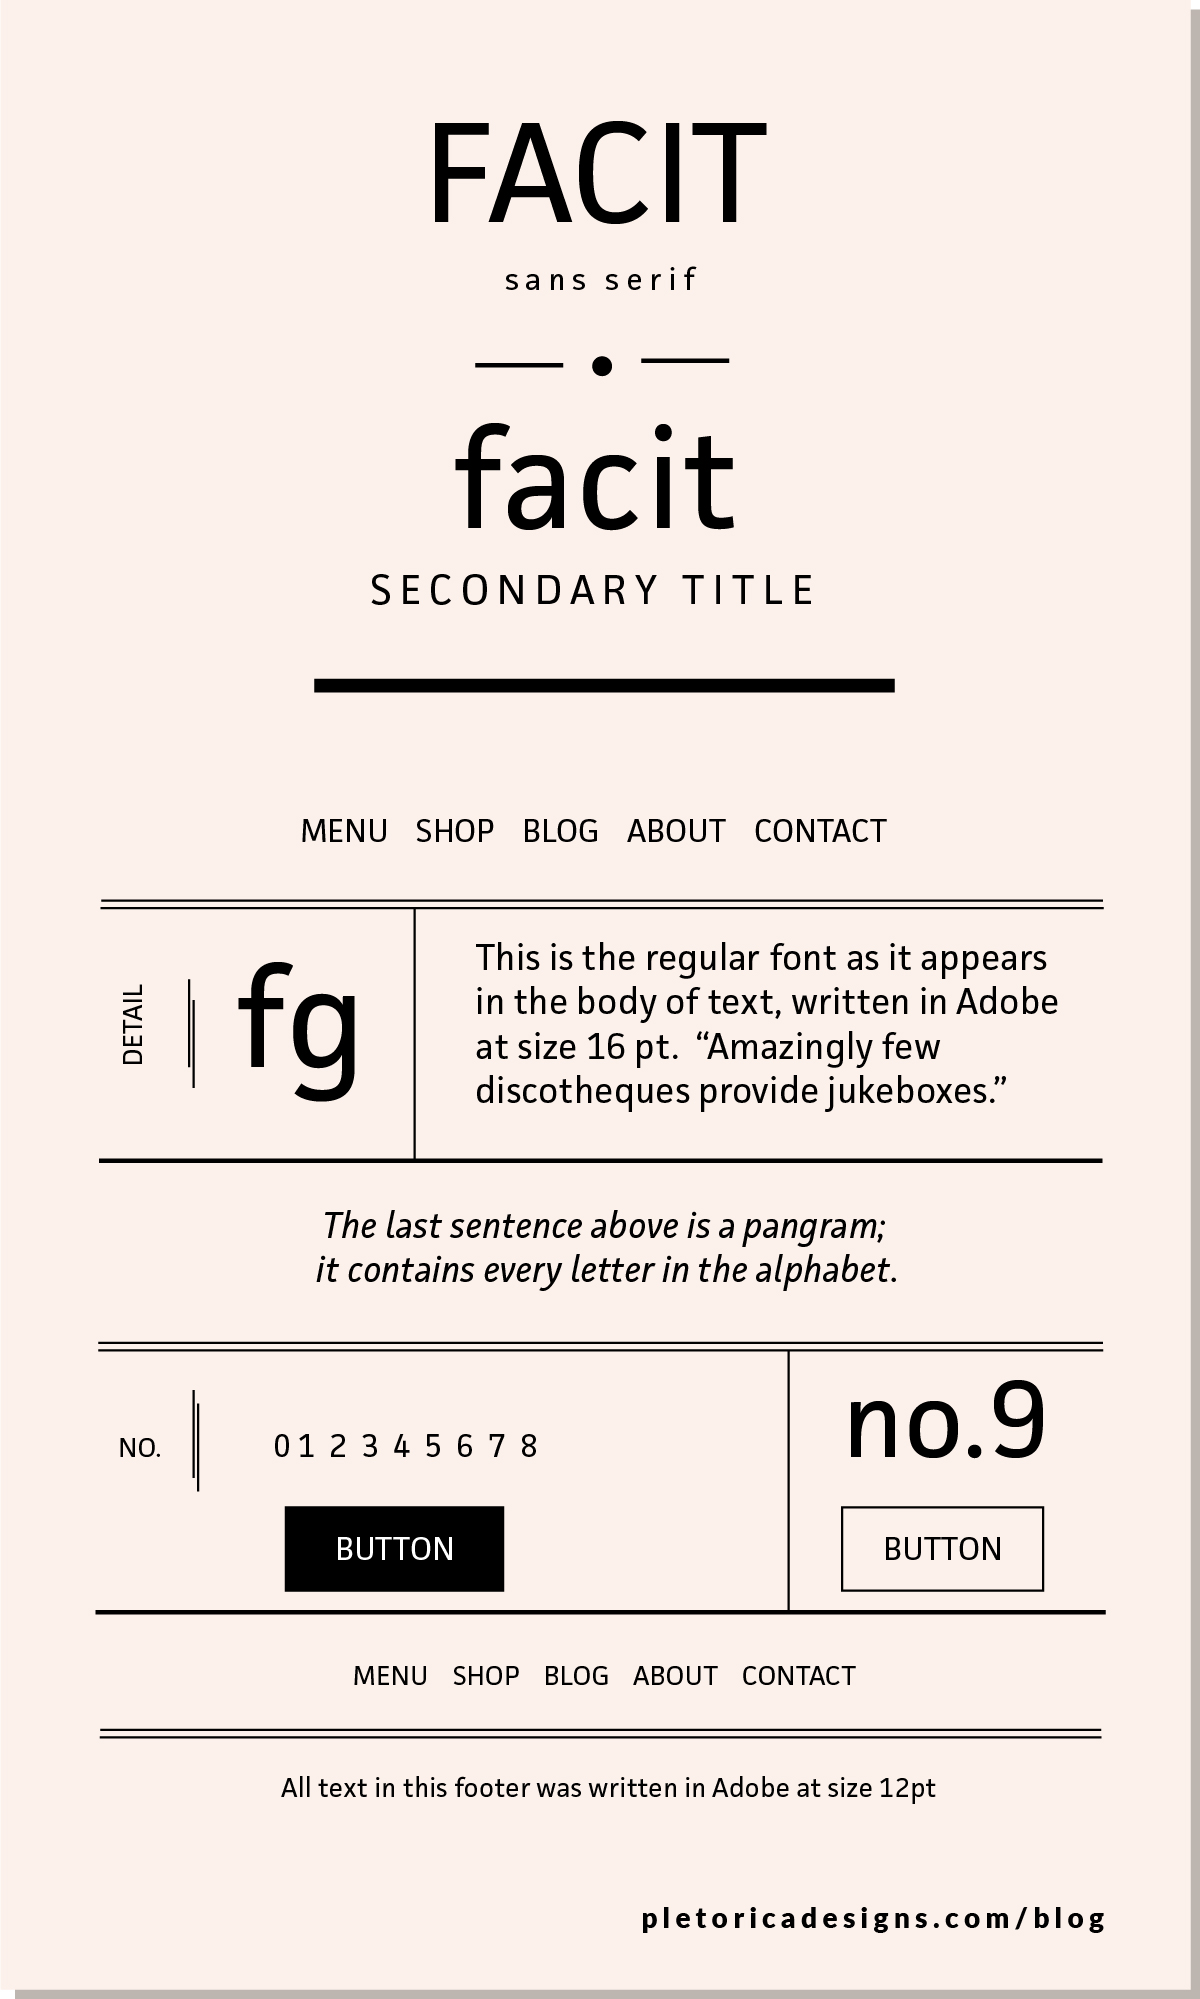 LET'S TYPE: JAF Facit — PLETÓRICA DESIGNS